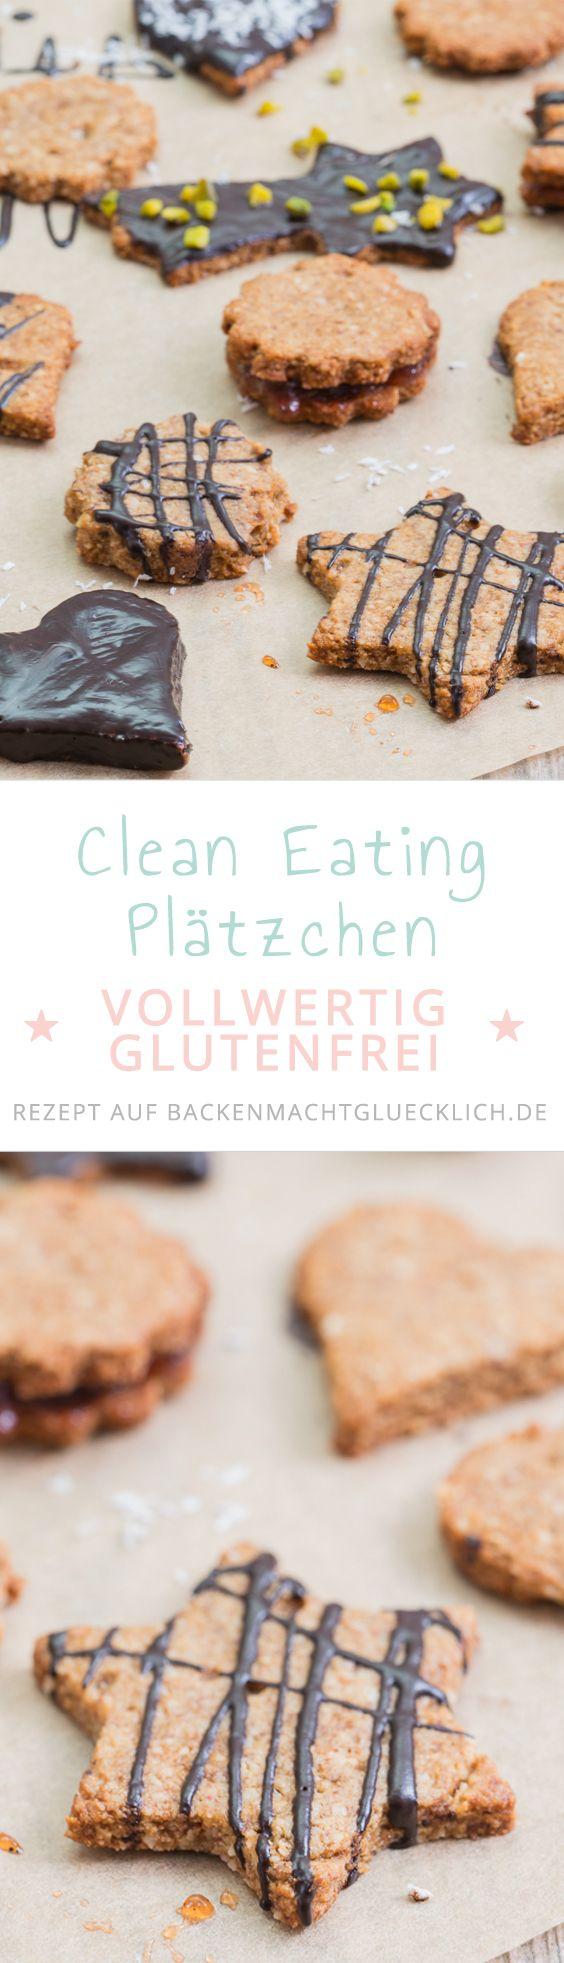 Tolle Clean Eating Kekse zum Ausstechen. Die gesunden Weihnachtsplätzchen bestehen nur aus guten, natürlichen Zutaten, sind glutenfrei und verzichten auf Weißmehl und weißen Zucker